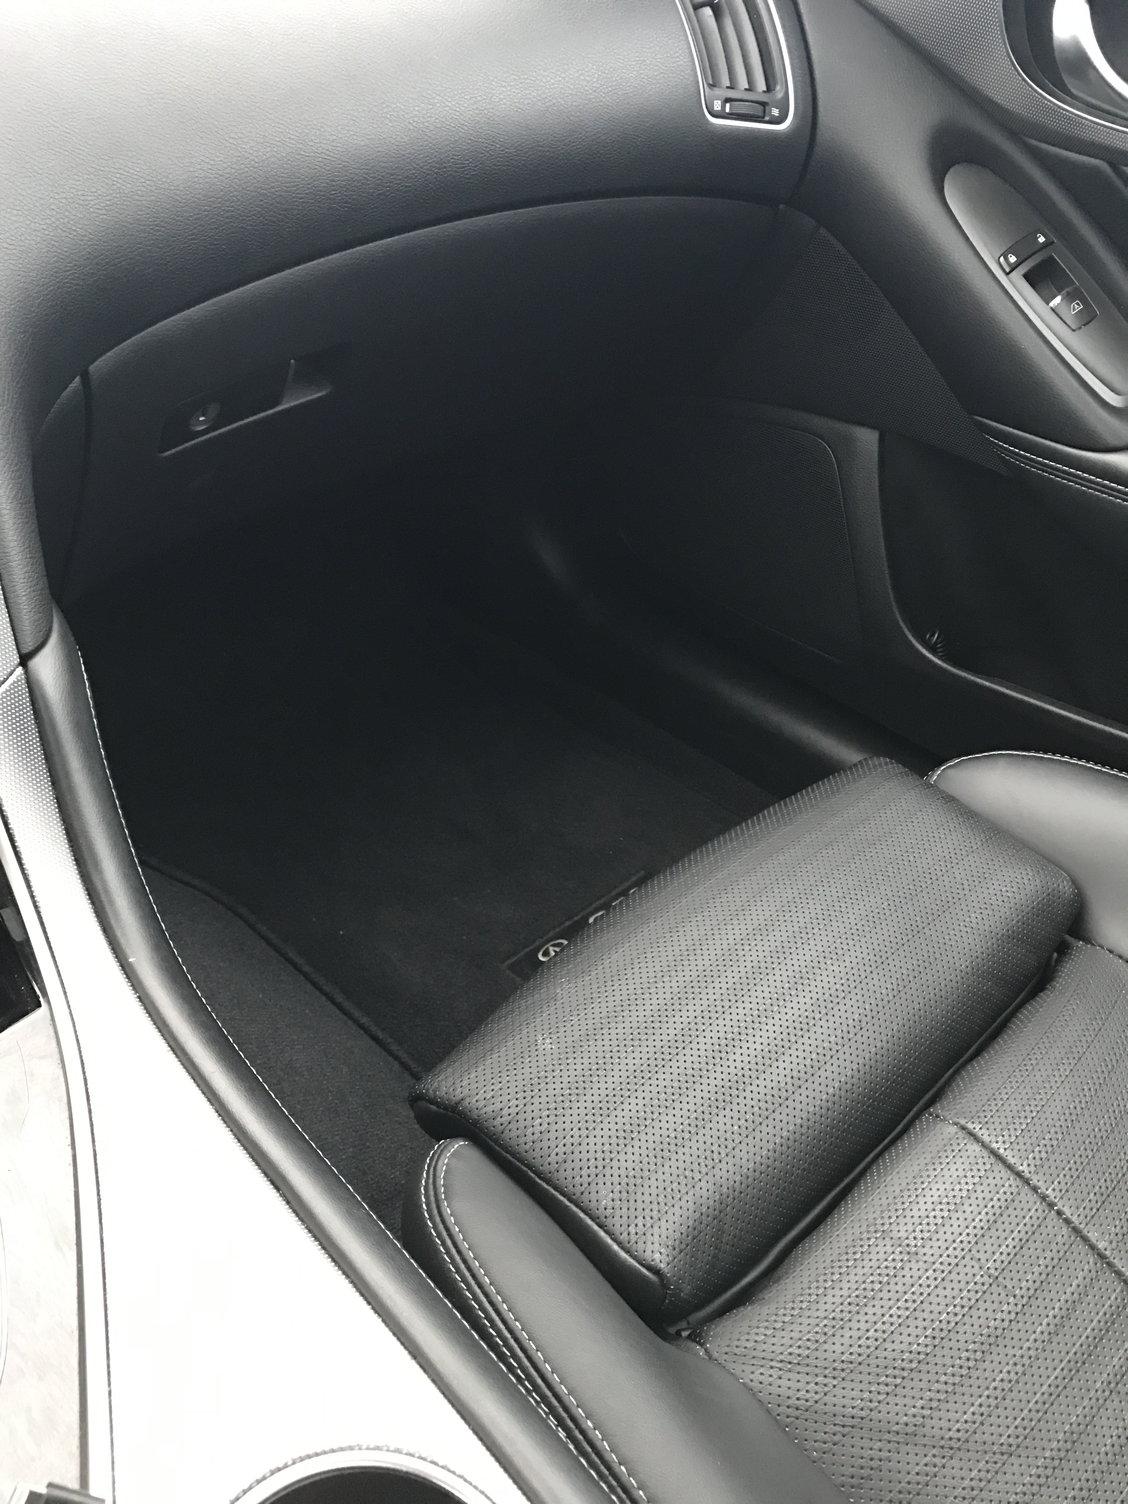 FS: 2014 Q50S Rwd - 6SpeedOnline - Porsche Forum and Luxury Car Resource